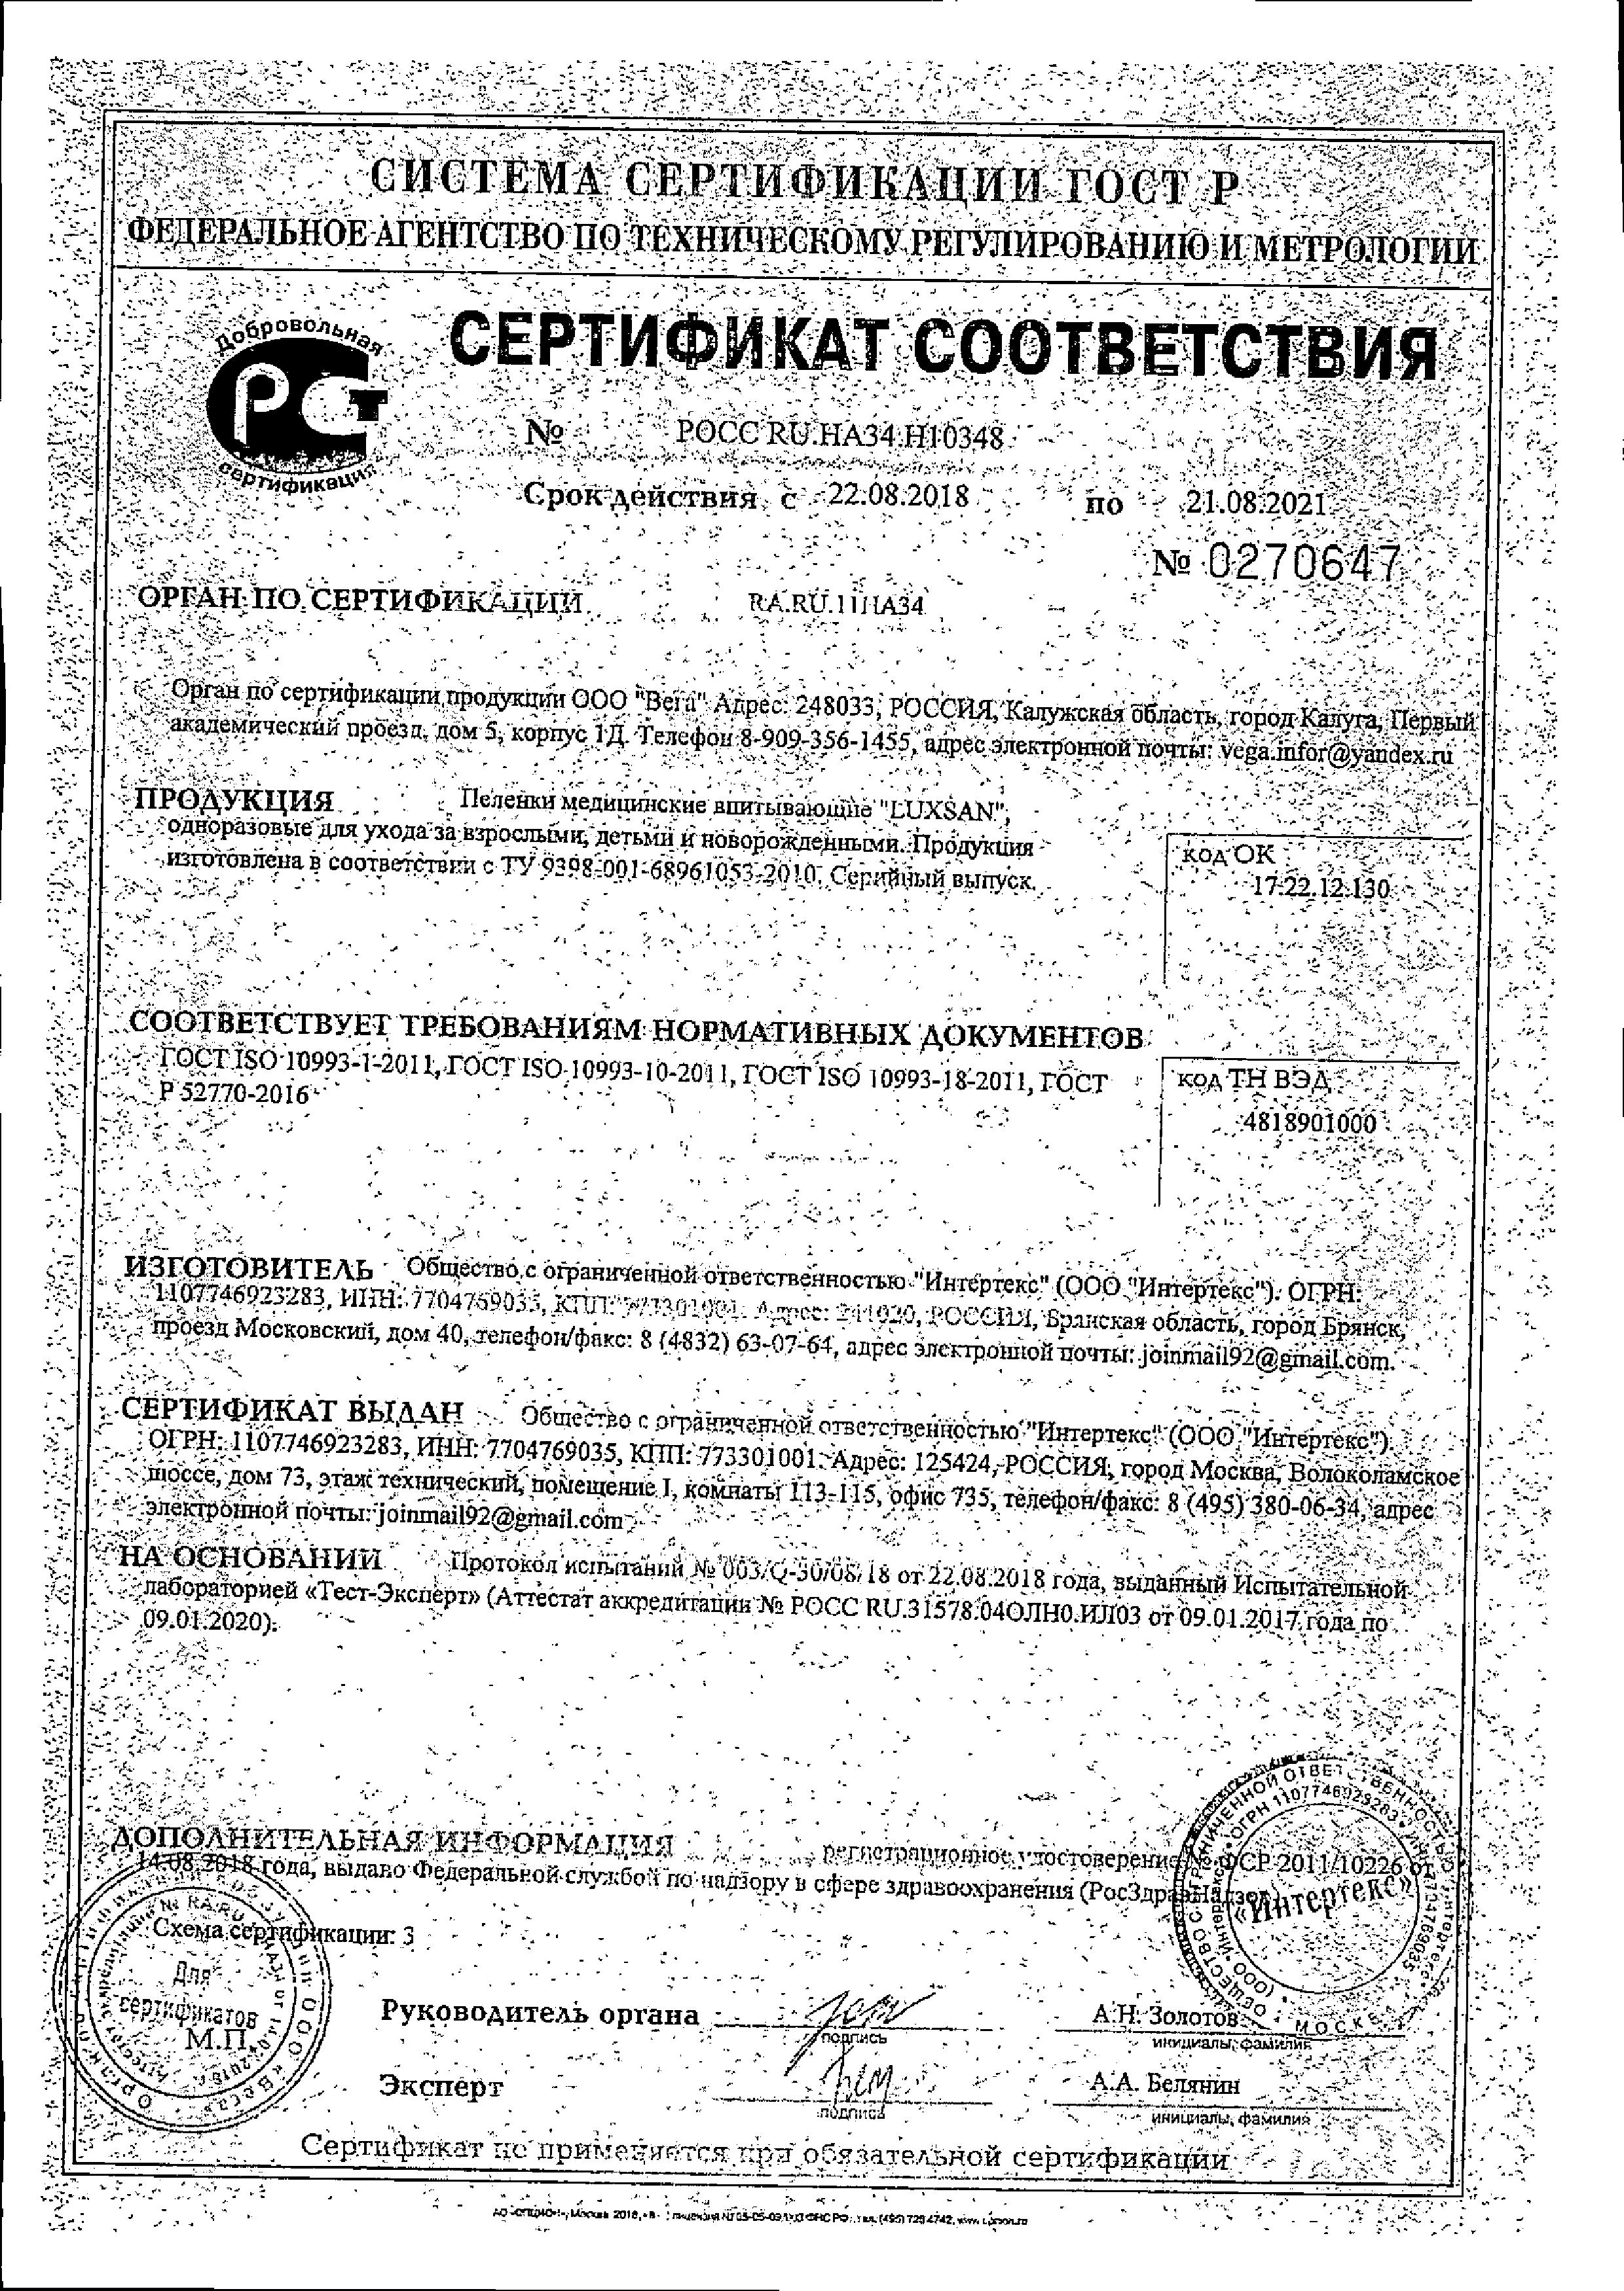 Клинса пеленки впитывающие для детей сертификат